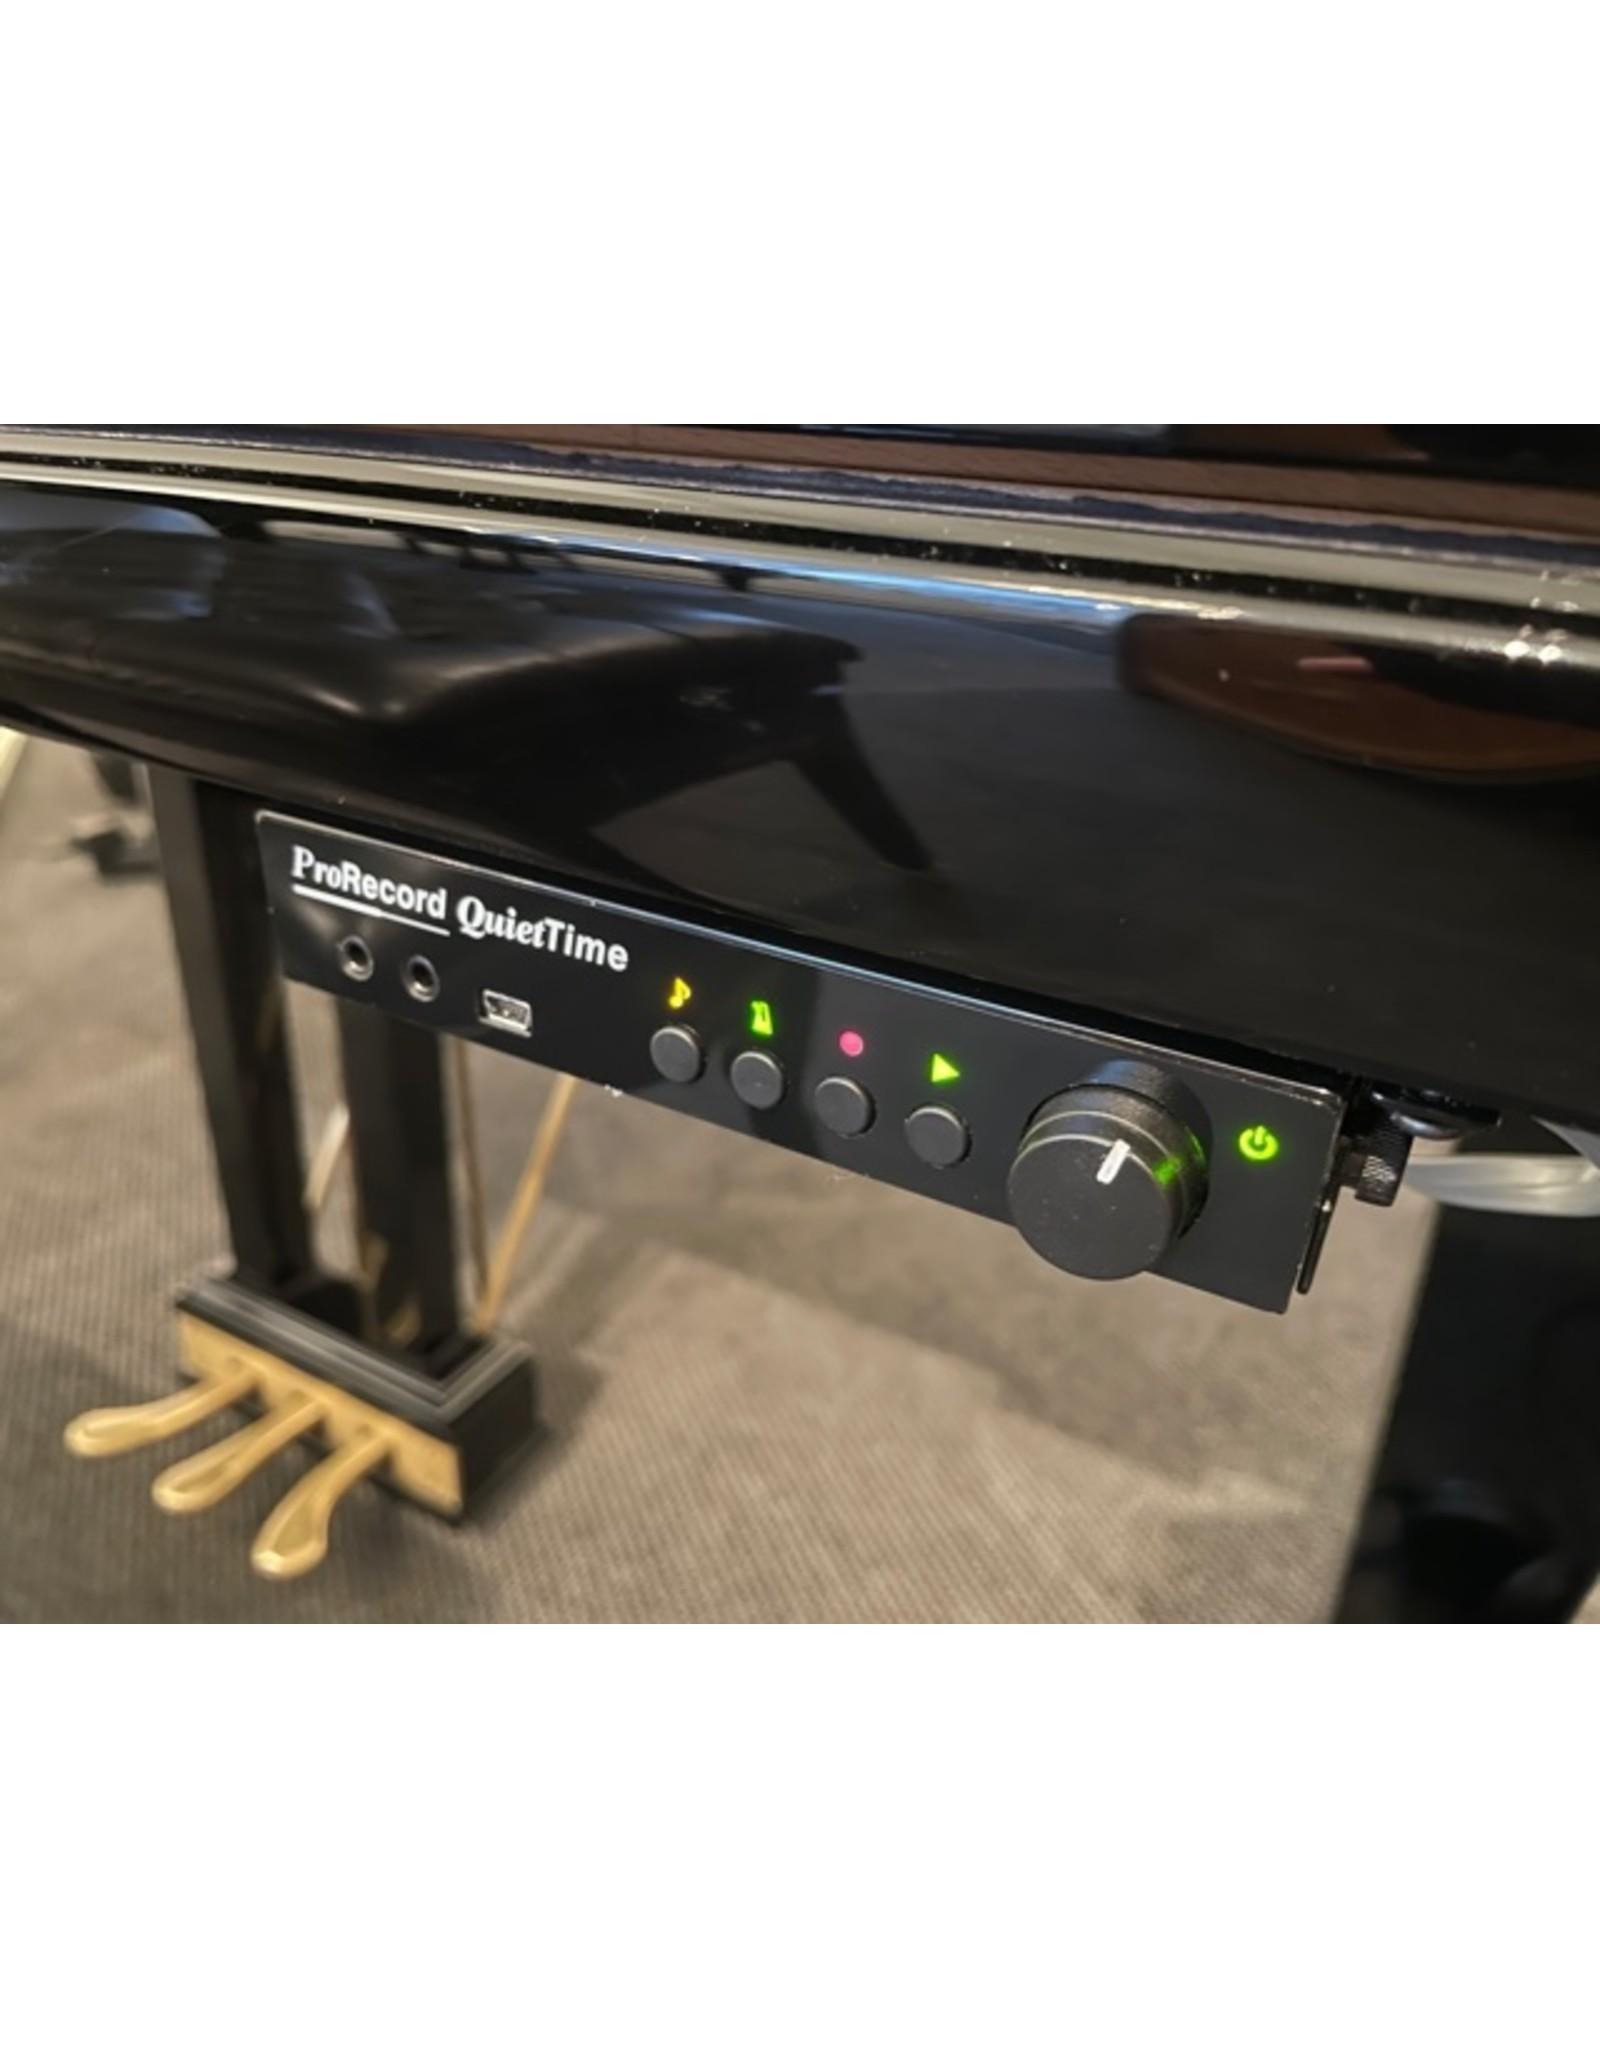 PianoDisc QuietTime ProRecord X